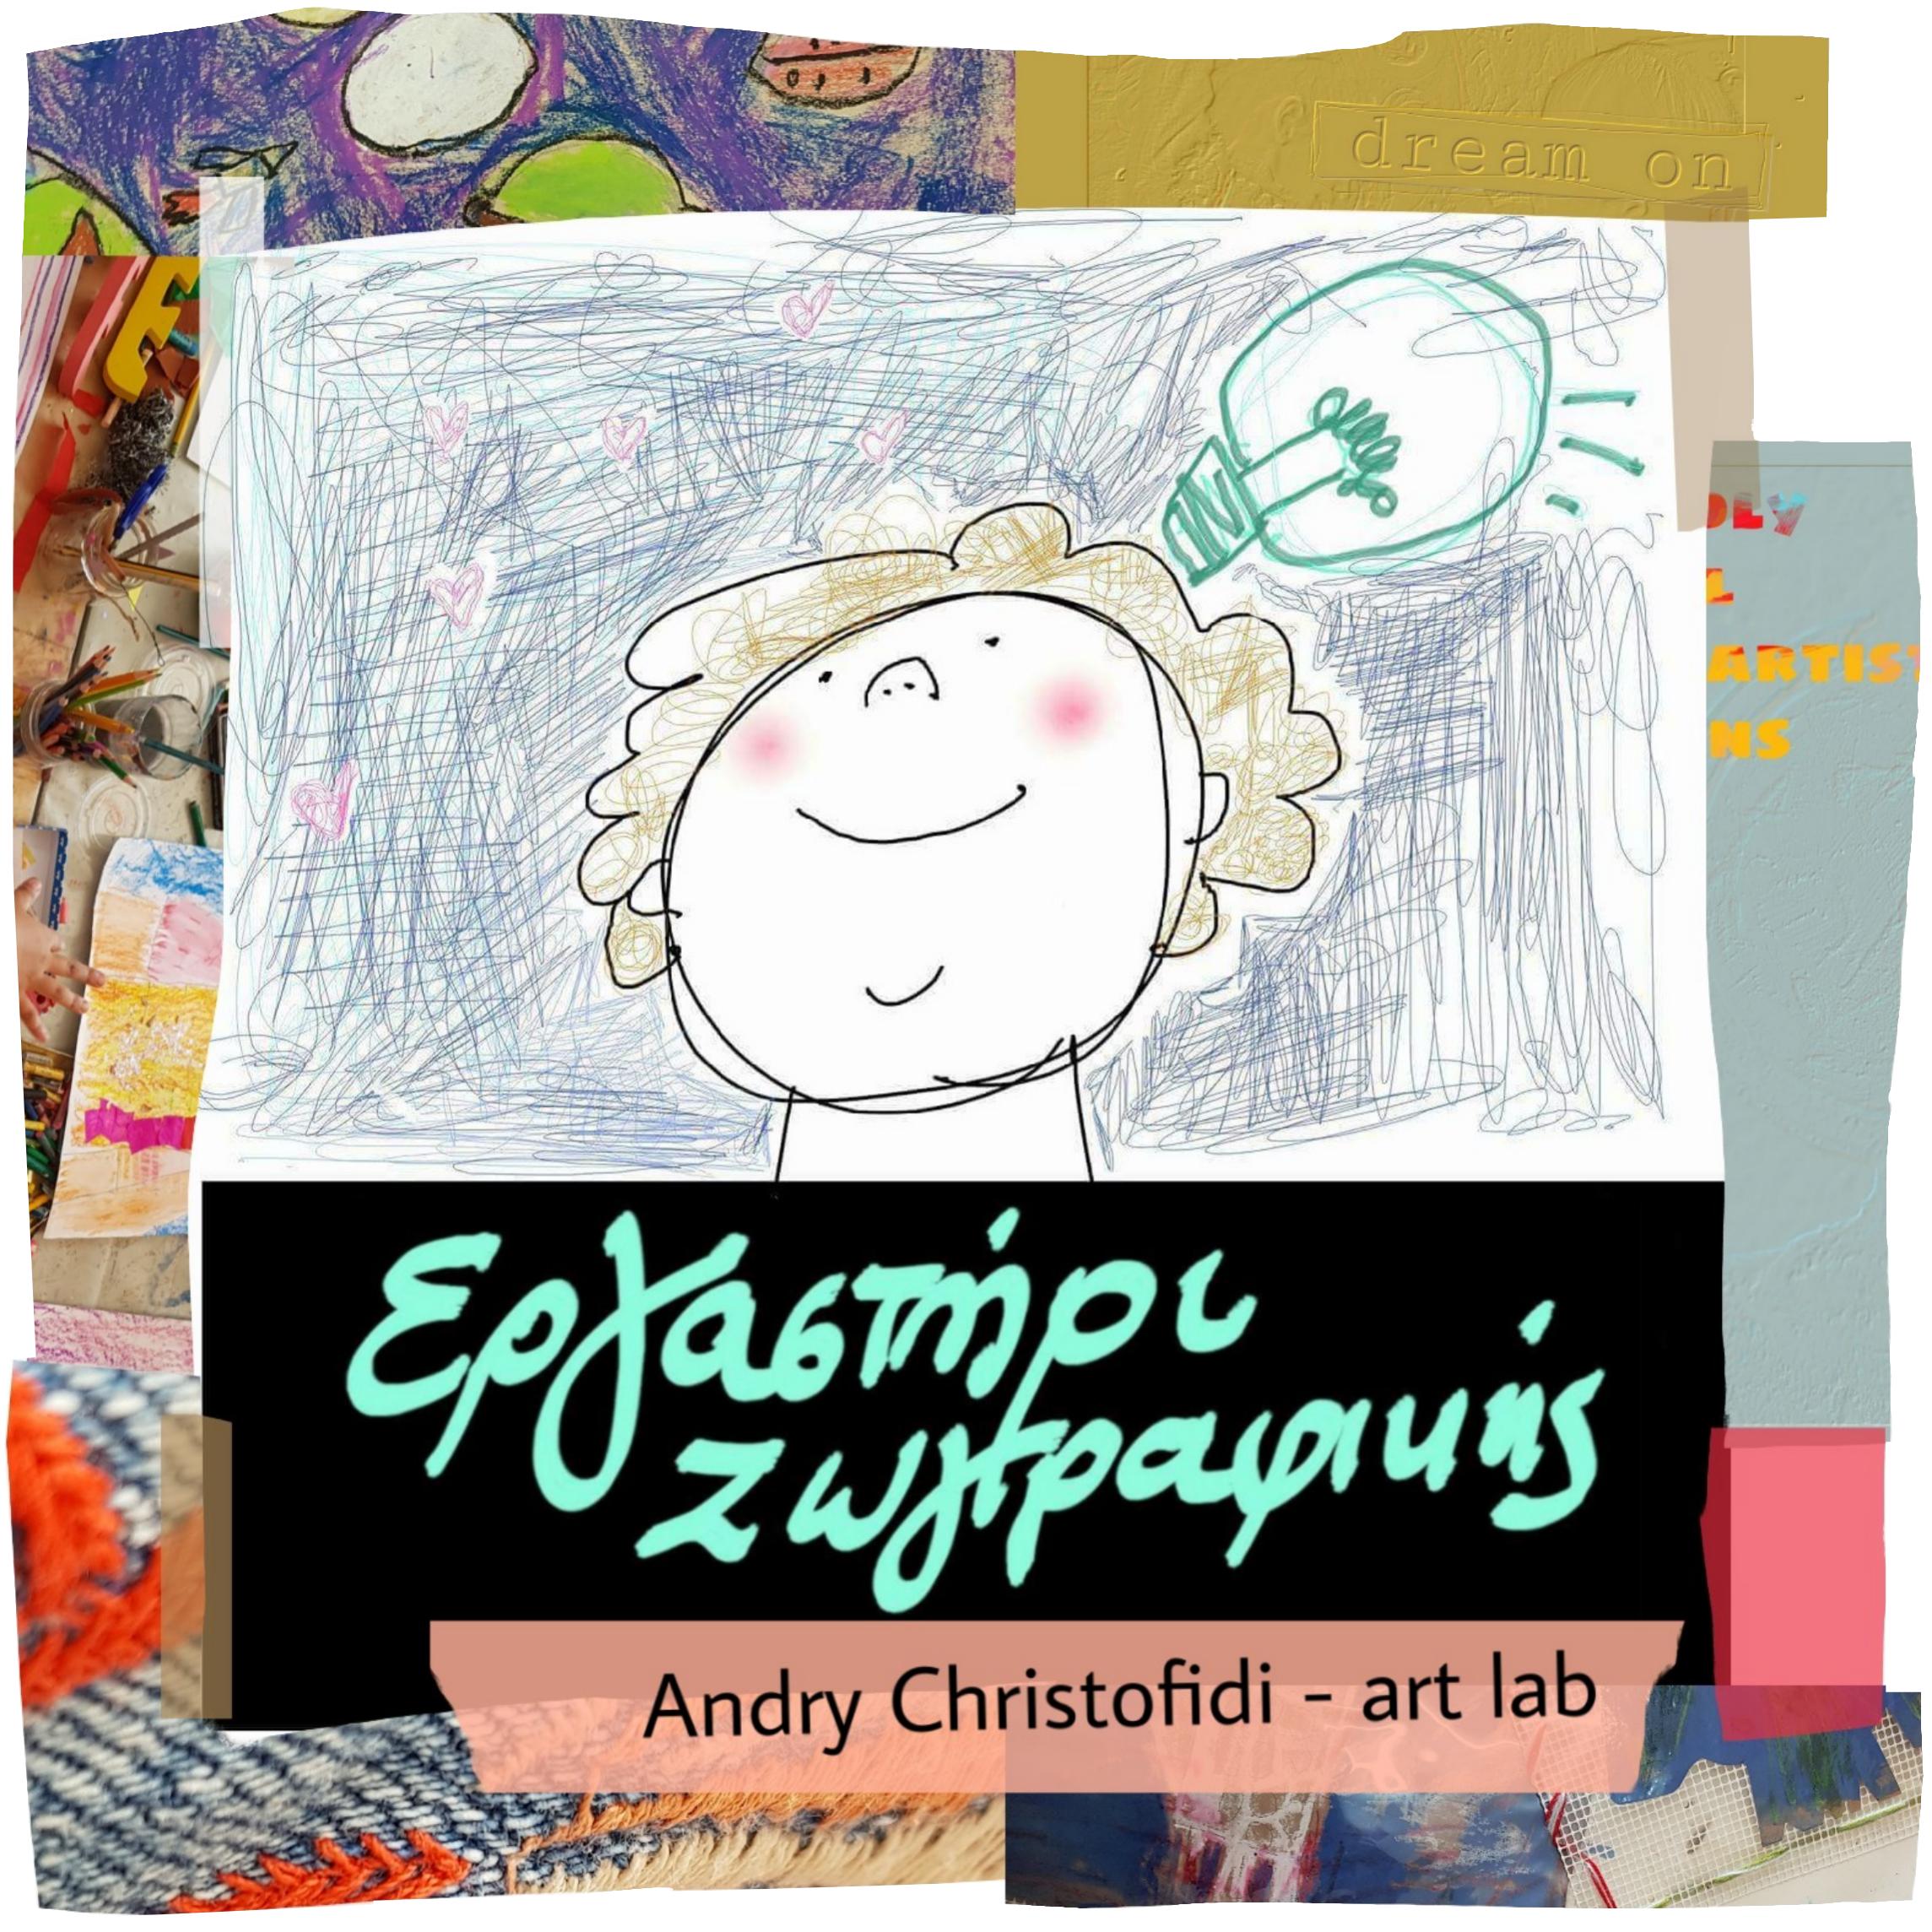 Το εργαστήρι ζωγραφικής Andry Christofidi- art labπροωθεί την Τέχνη στην πόλη μας